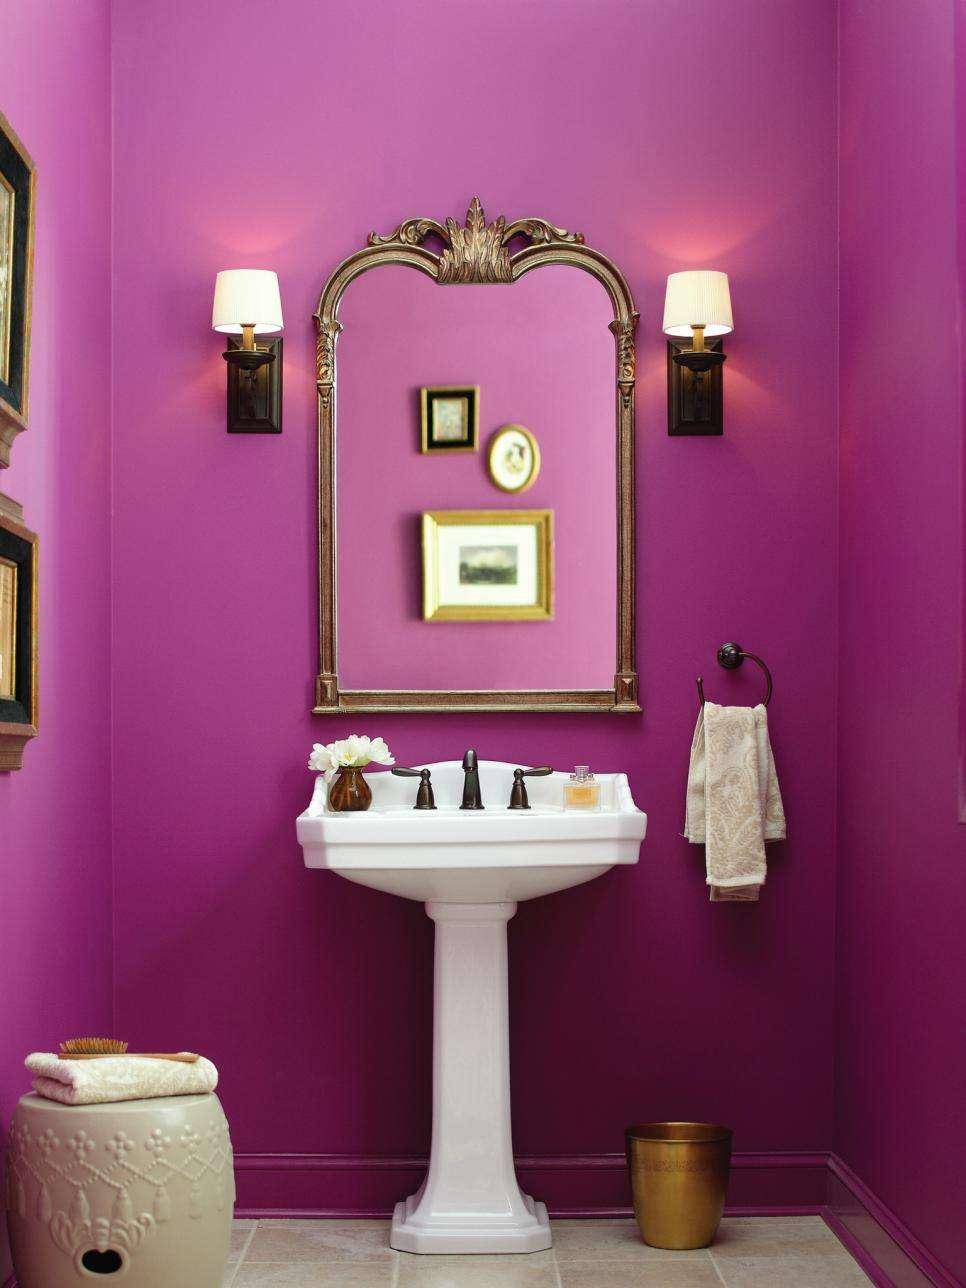 Краска для ванной комнаты: виды красок и какую выбрать